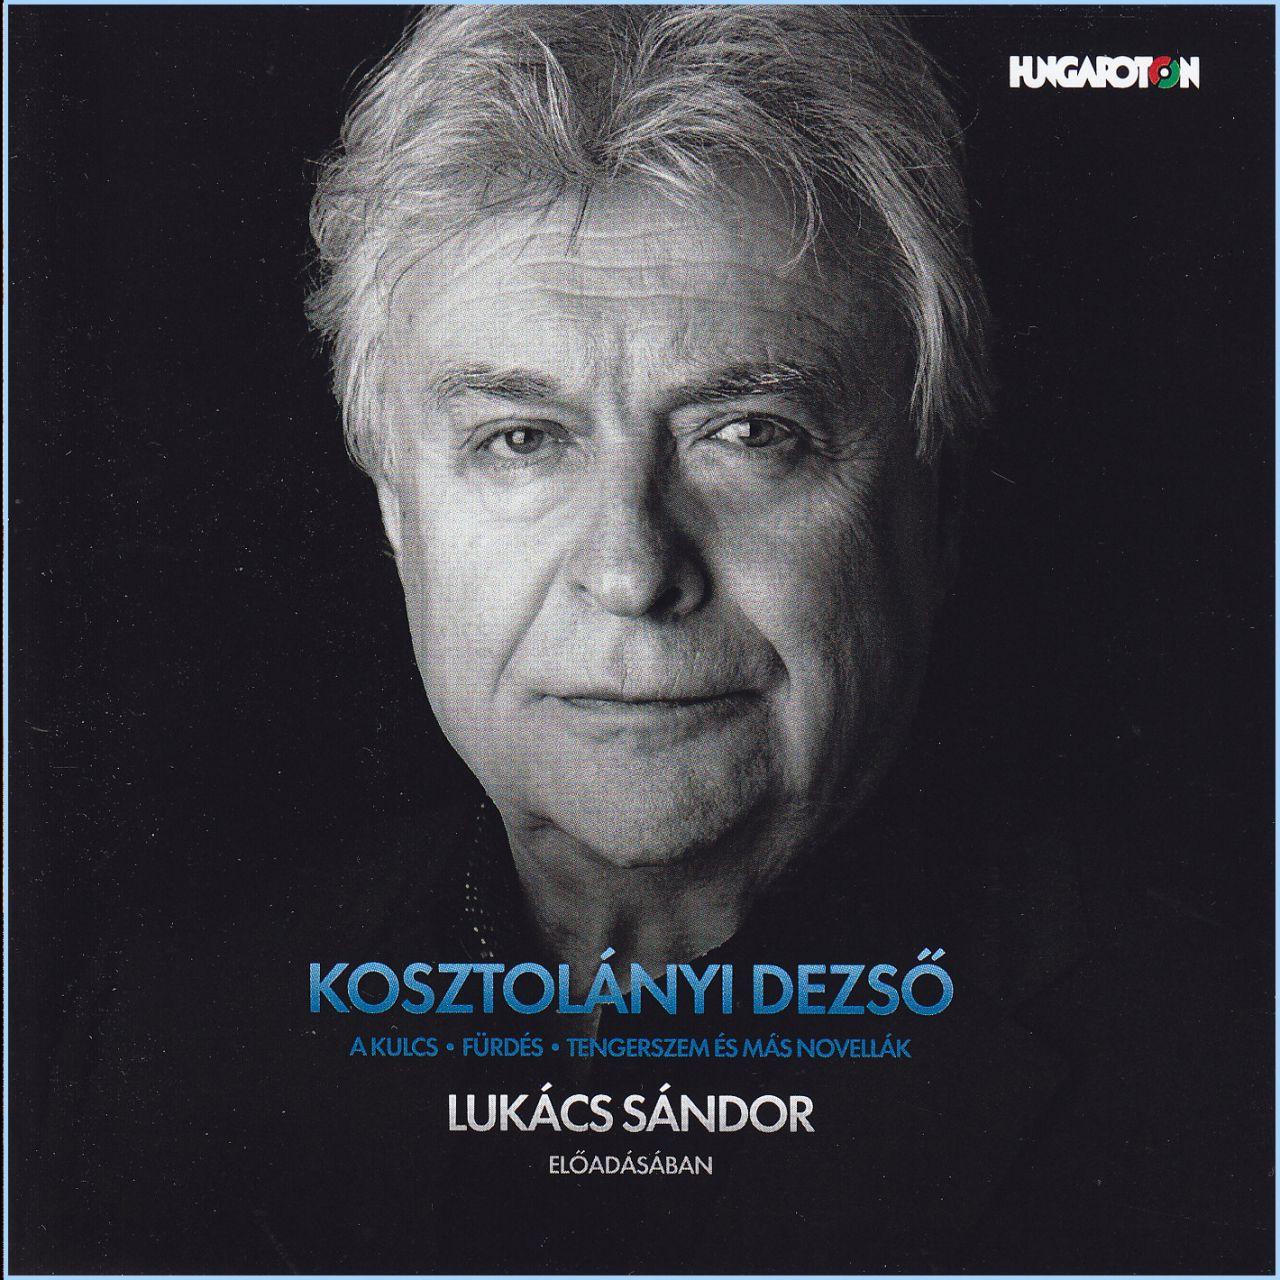 Kosztolányi Dezső: Novellák - Lukács Sándor előadásában (CD)